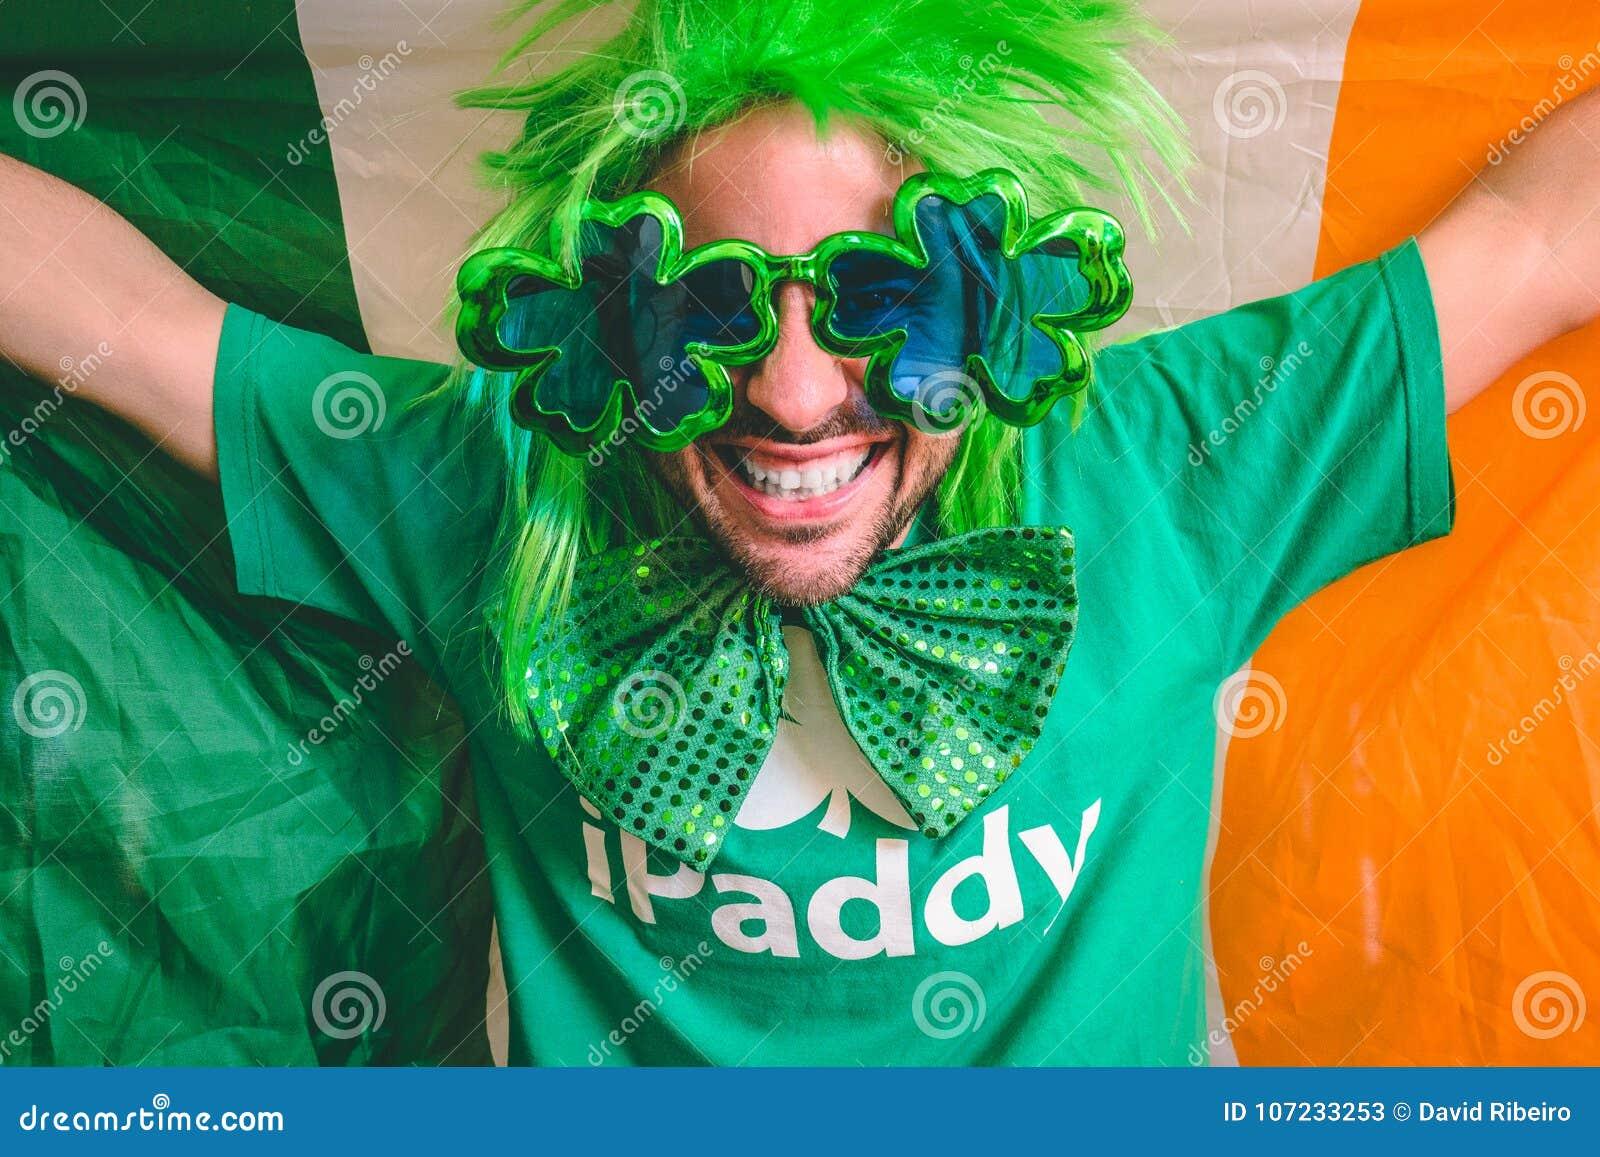 Ritratto di un uomo che tiene la bandiera irlandese